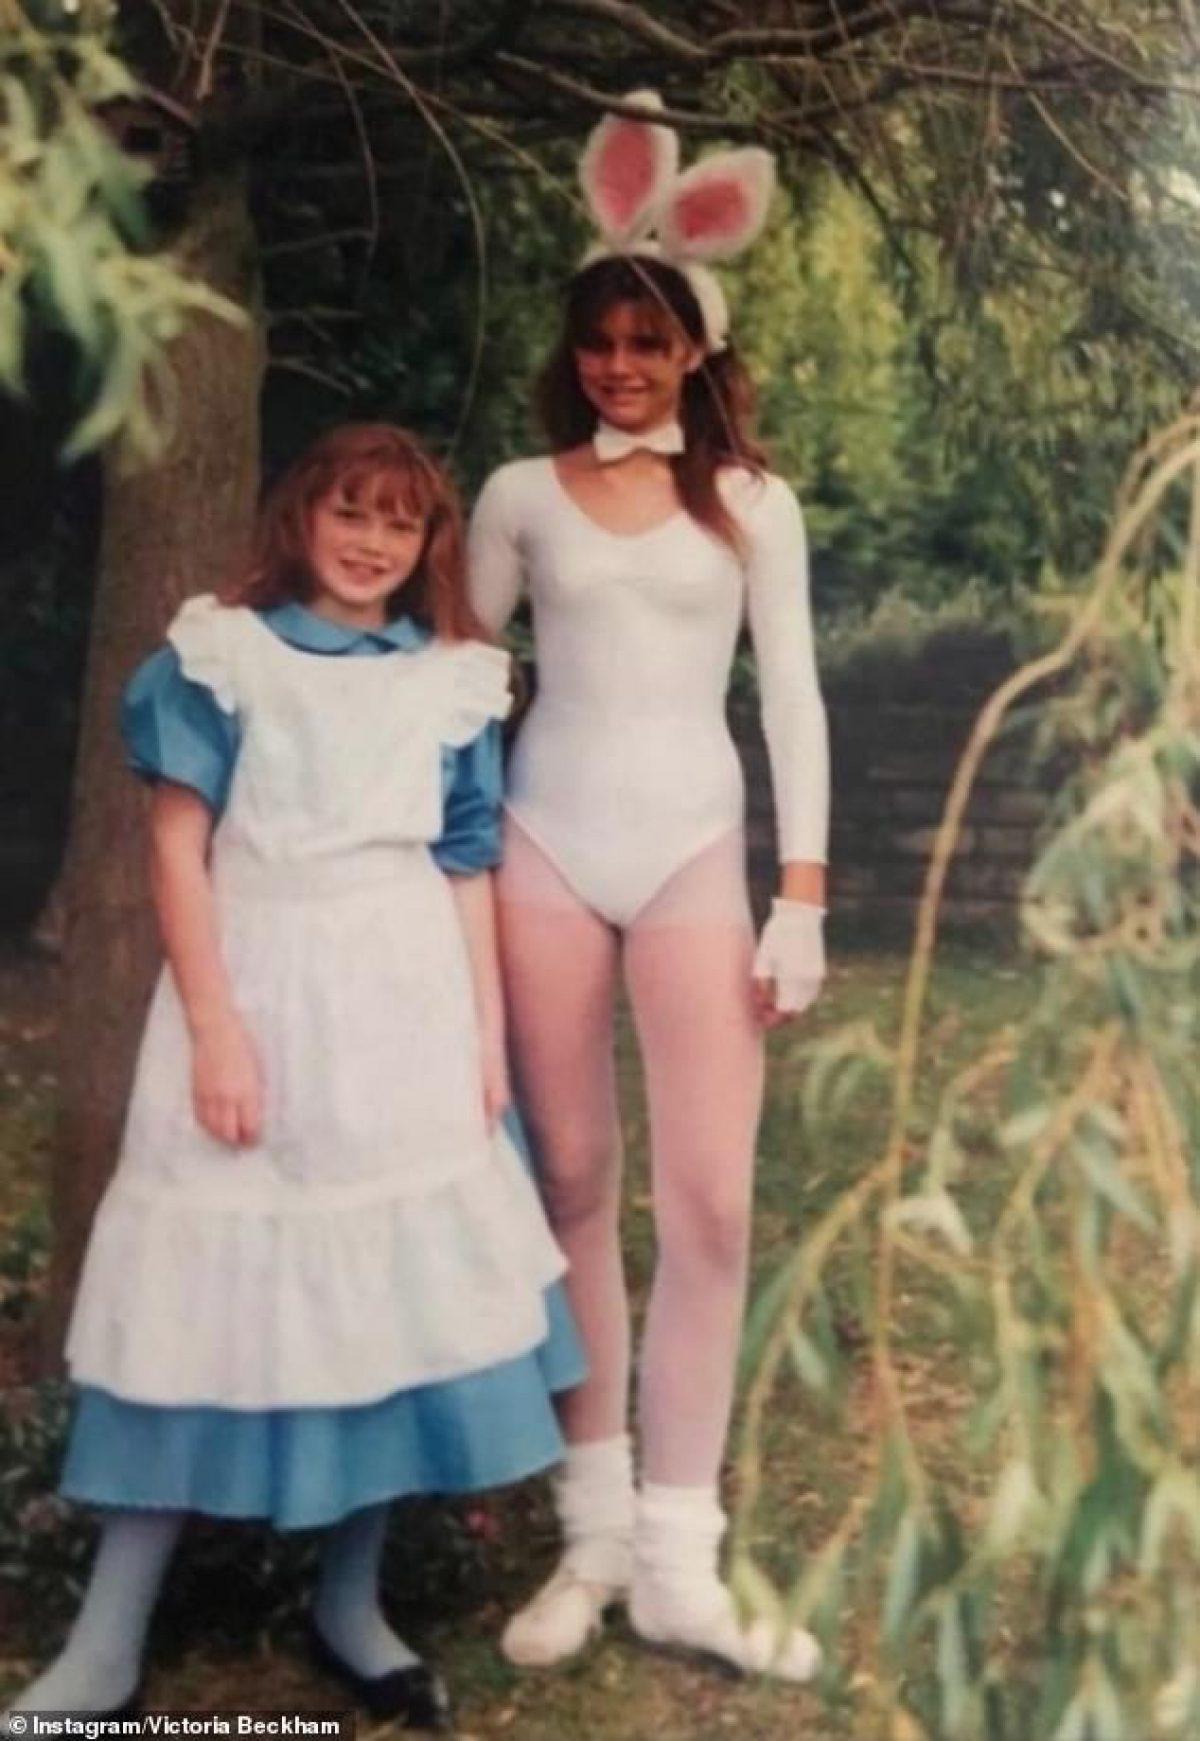 Victoria Beckham khoe ảnh thời tuổi teen mặc đồ bó chụp cùng em gái